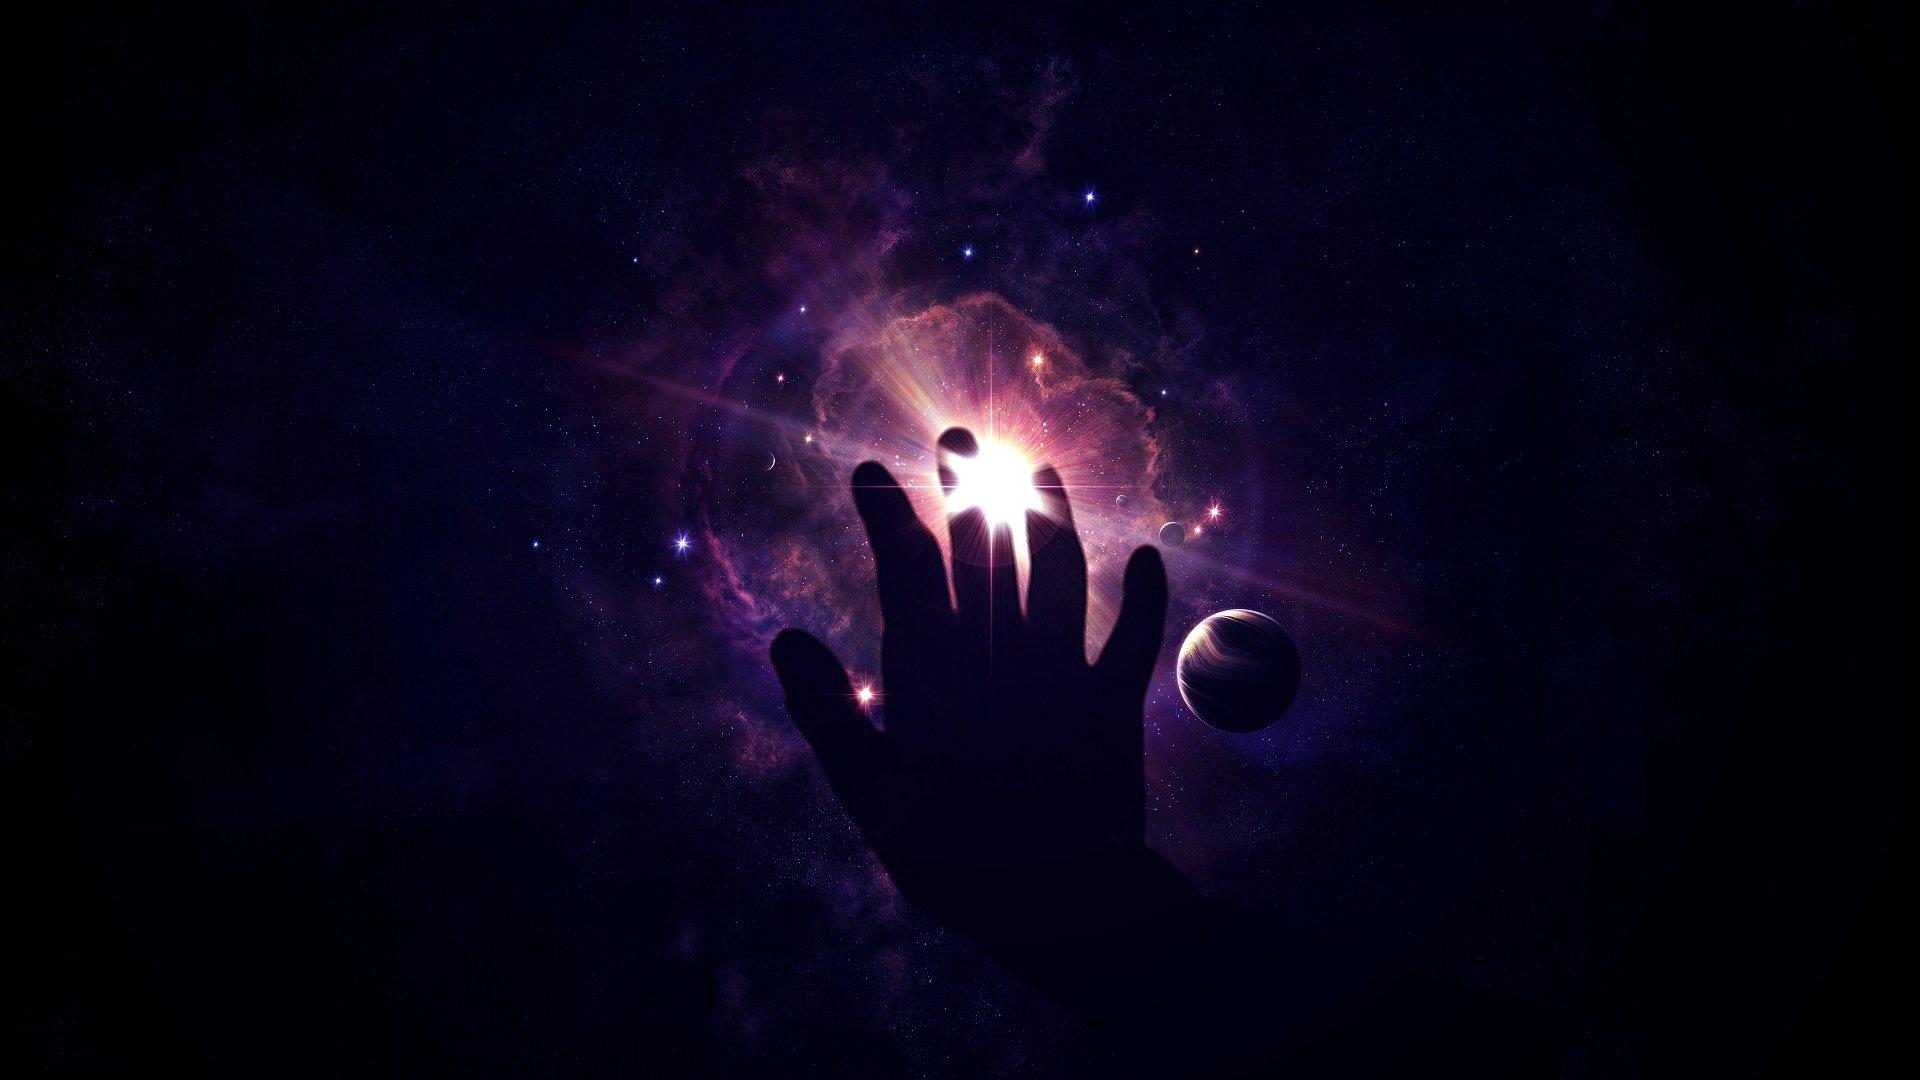 У нас есть только две вещи: звёздное небо над головой и нравственный закон внутри нас. (Иммануил Кант)  Пролог.Космо .... - Изображение 1